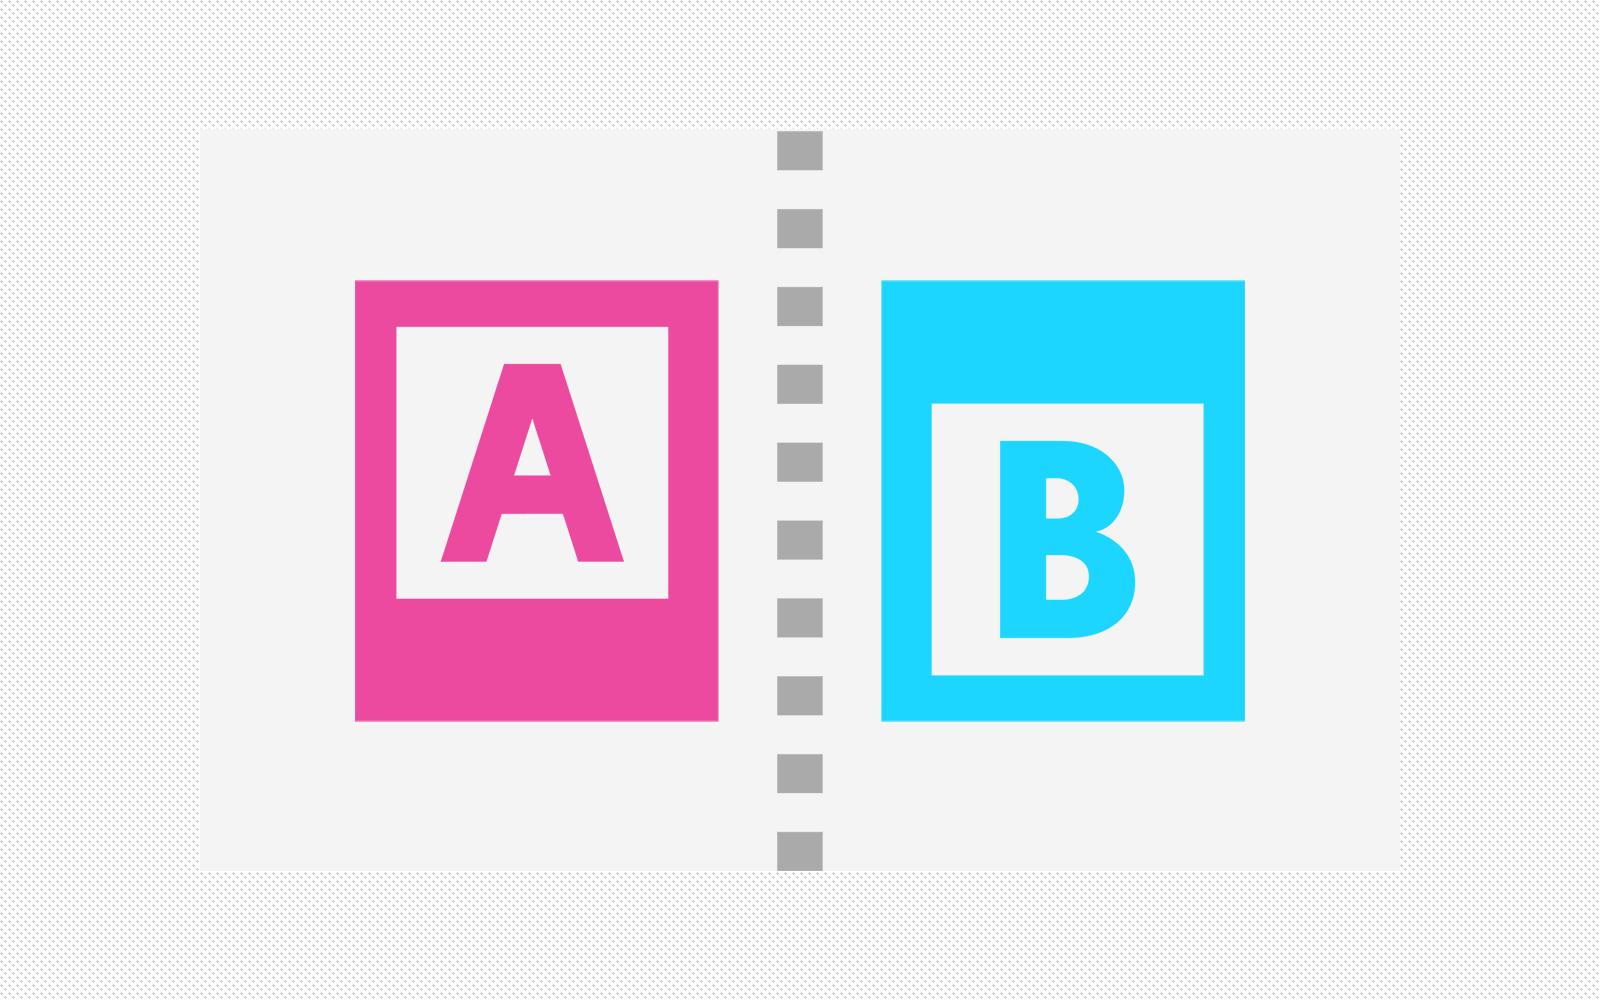 Google オプティマイズ(Optimize)でのABテストの考え方を正直に解説